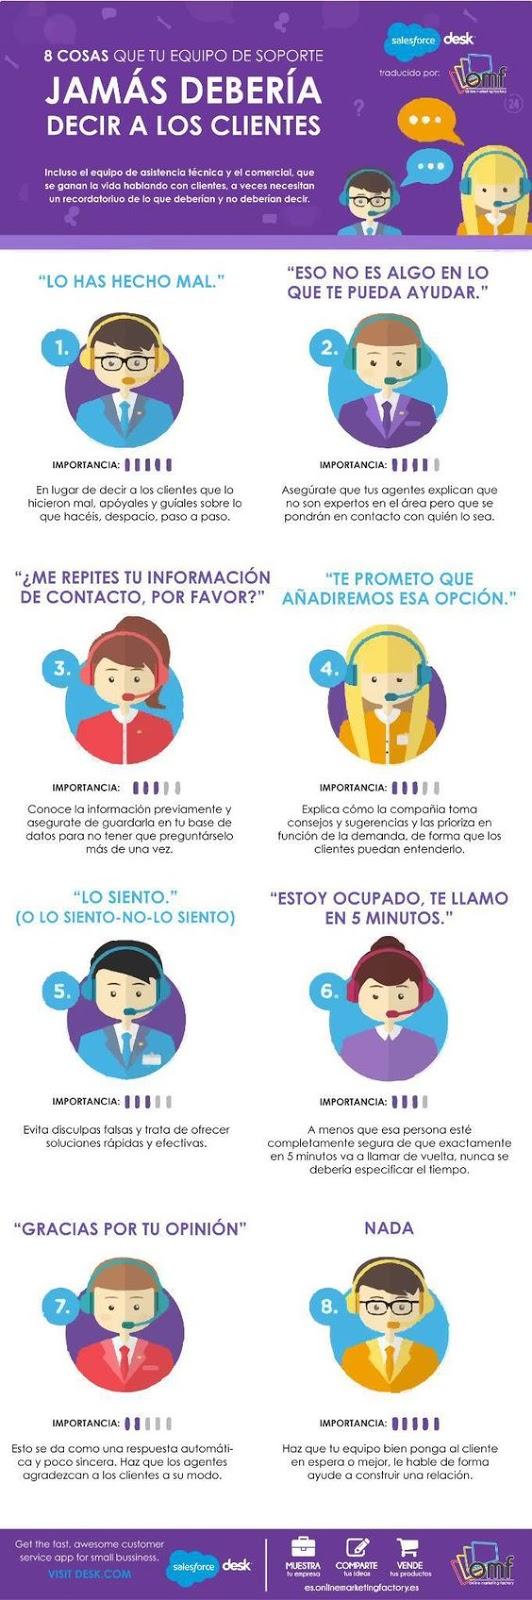 Plaza Digital: Clientes de una Empresa